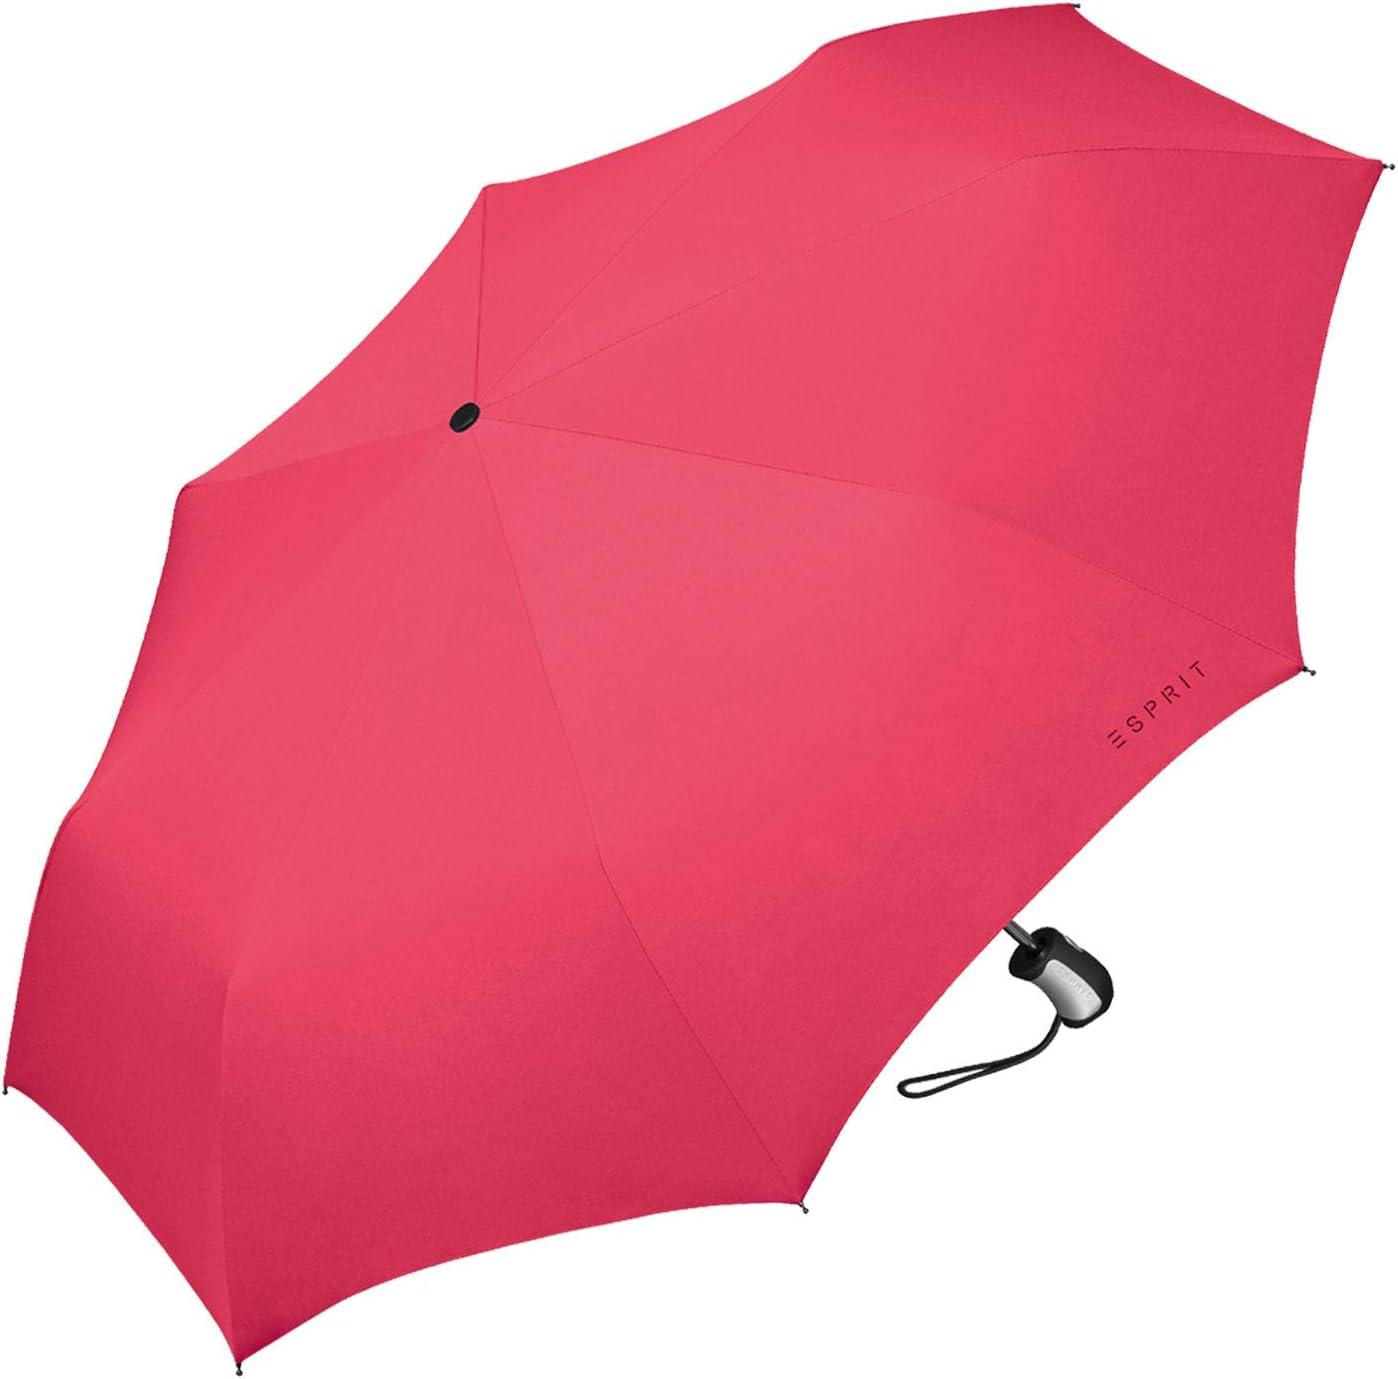 Gris - . Parapluie de poche Esprit Easymatic 3 Excalibur